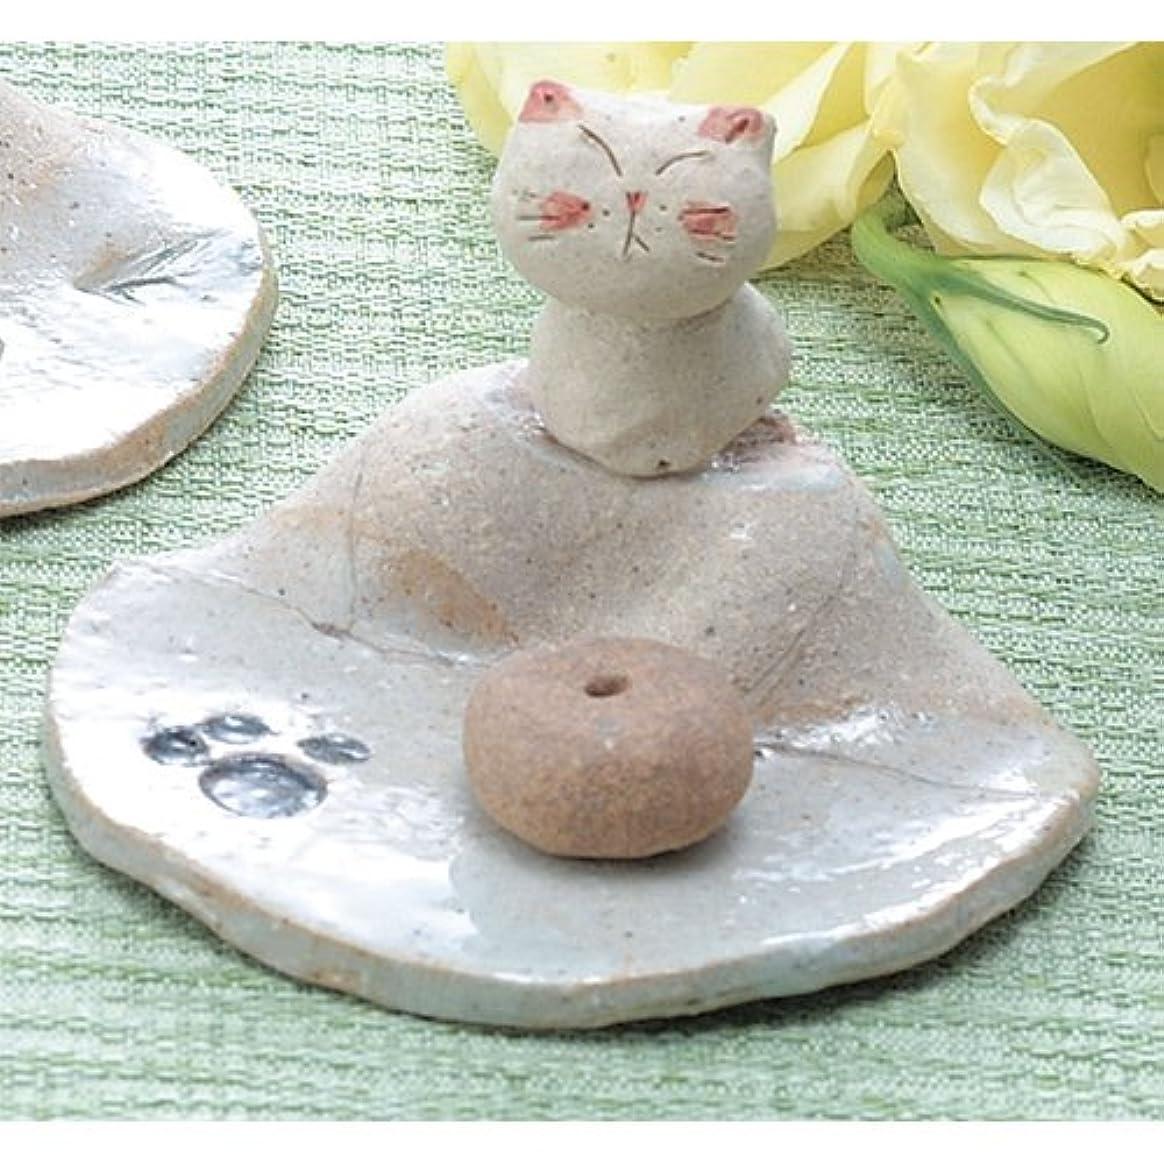 バターカプセル粗い香皿 ほっこり ネコ 香皿 [H4cm] プレゼント ギフト 和食器 かわいい インテリア